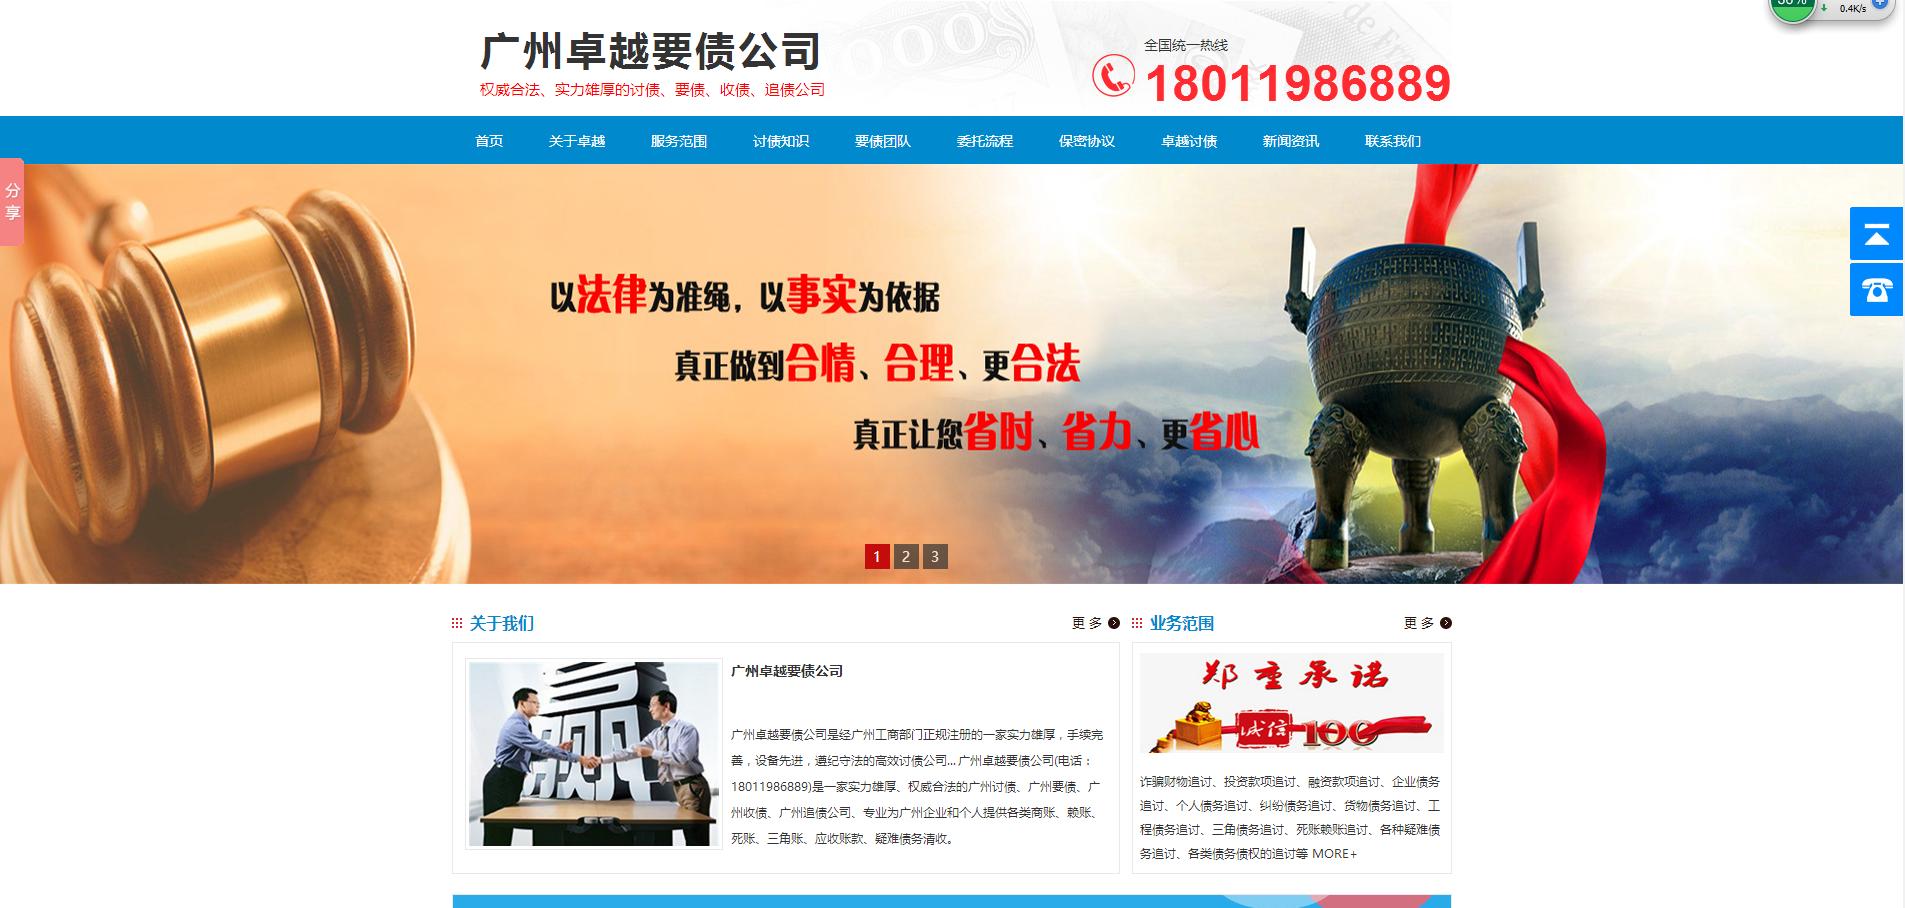 广州卓越要债公司优化网站成功案例